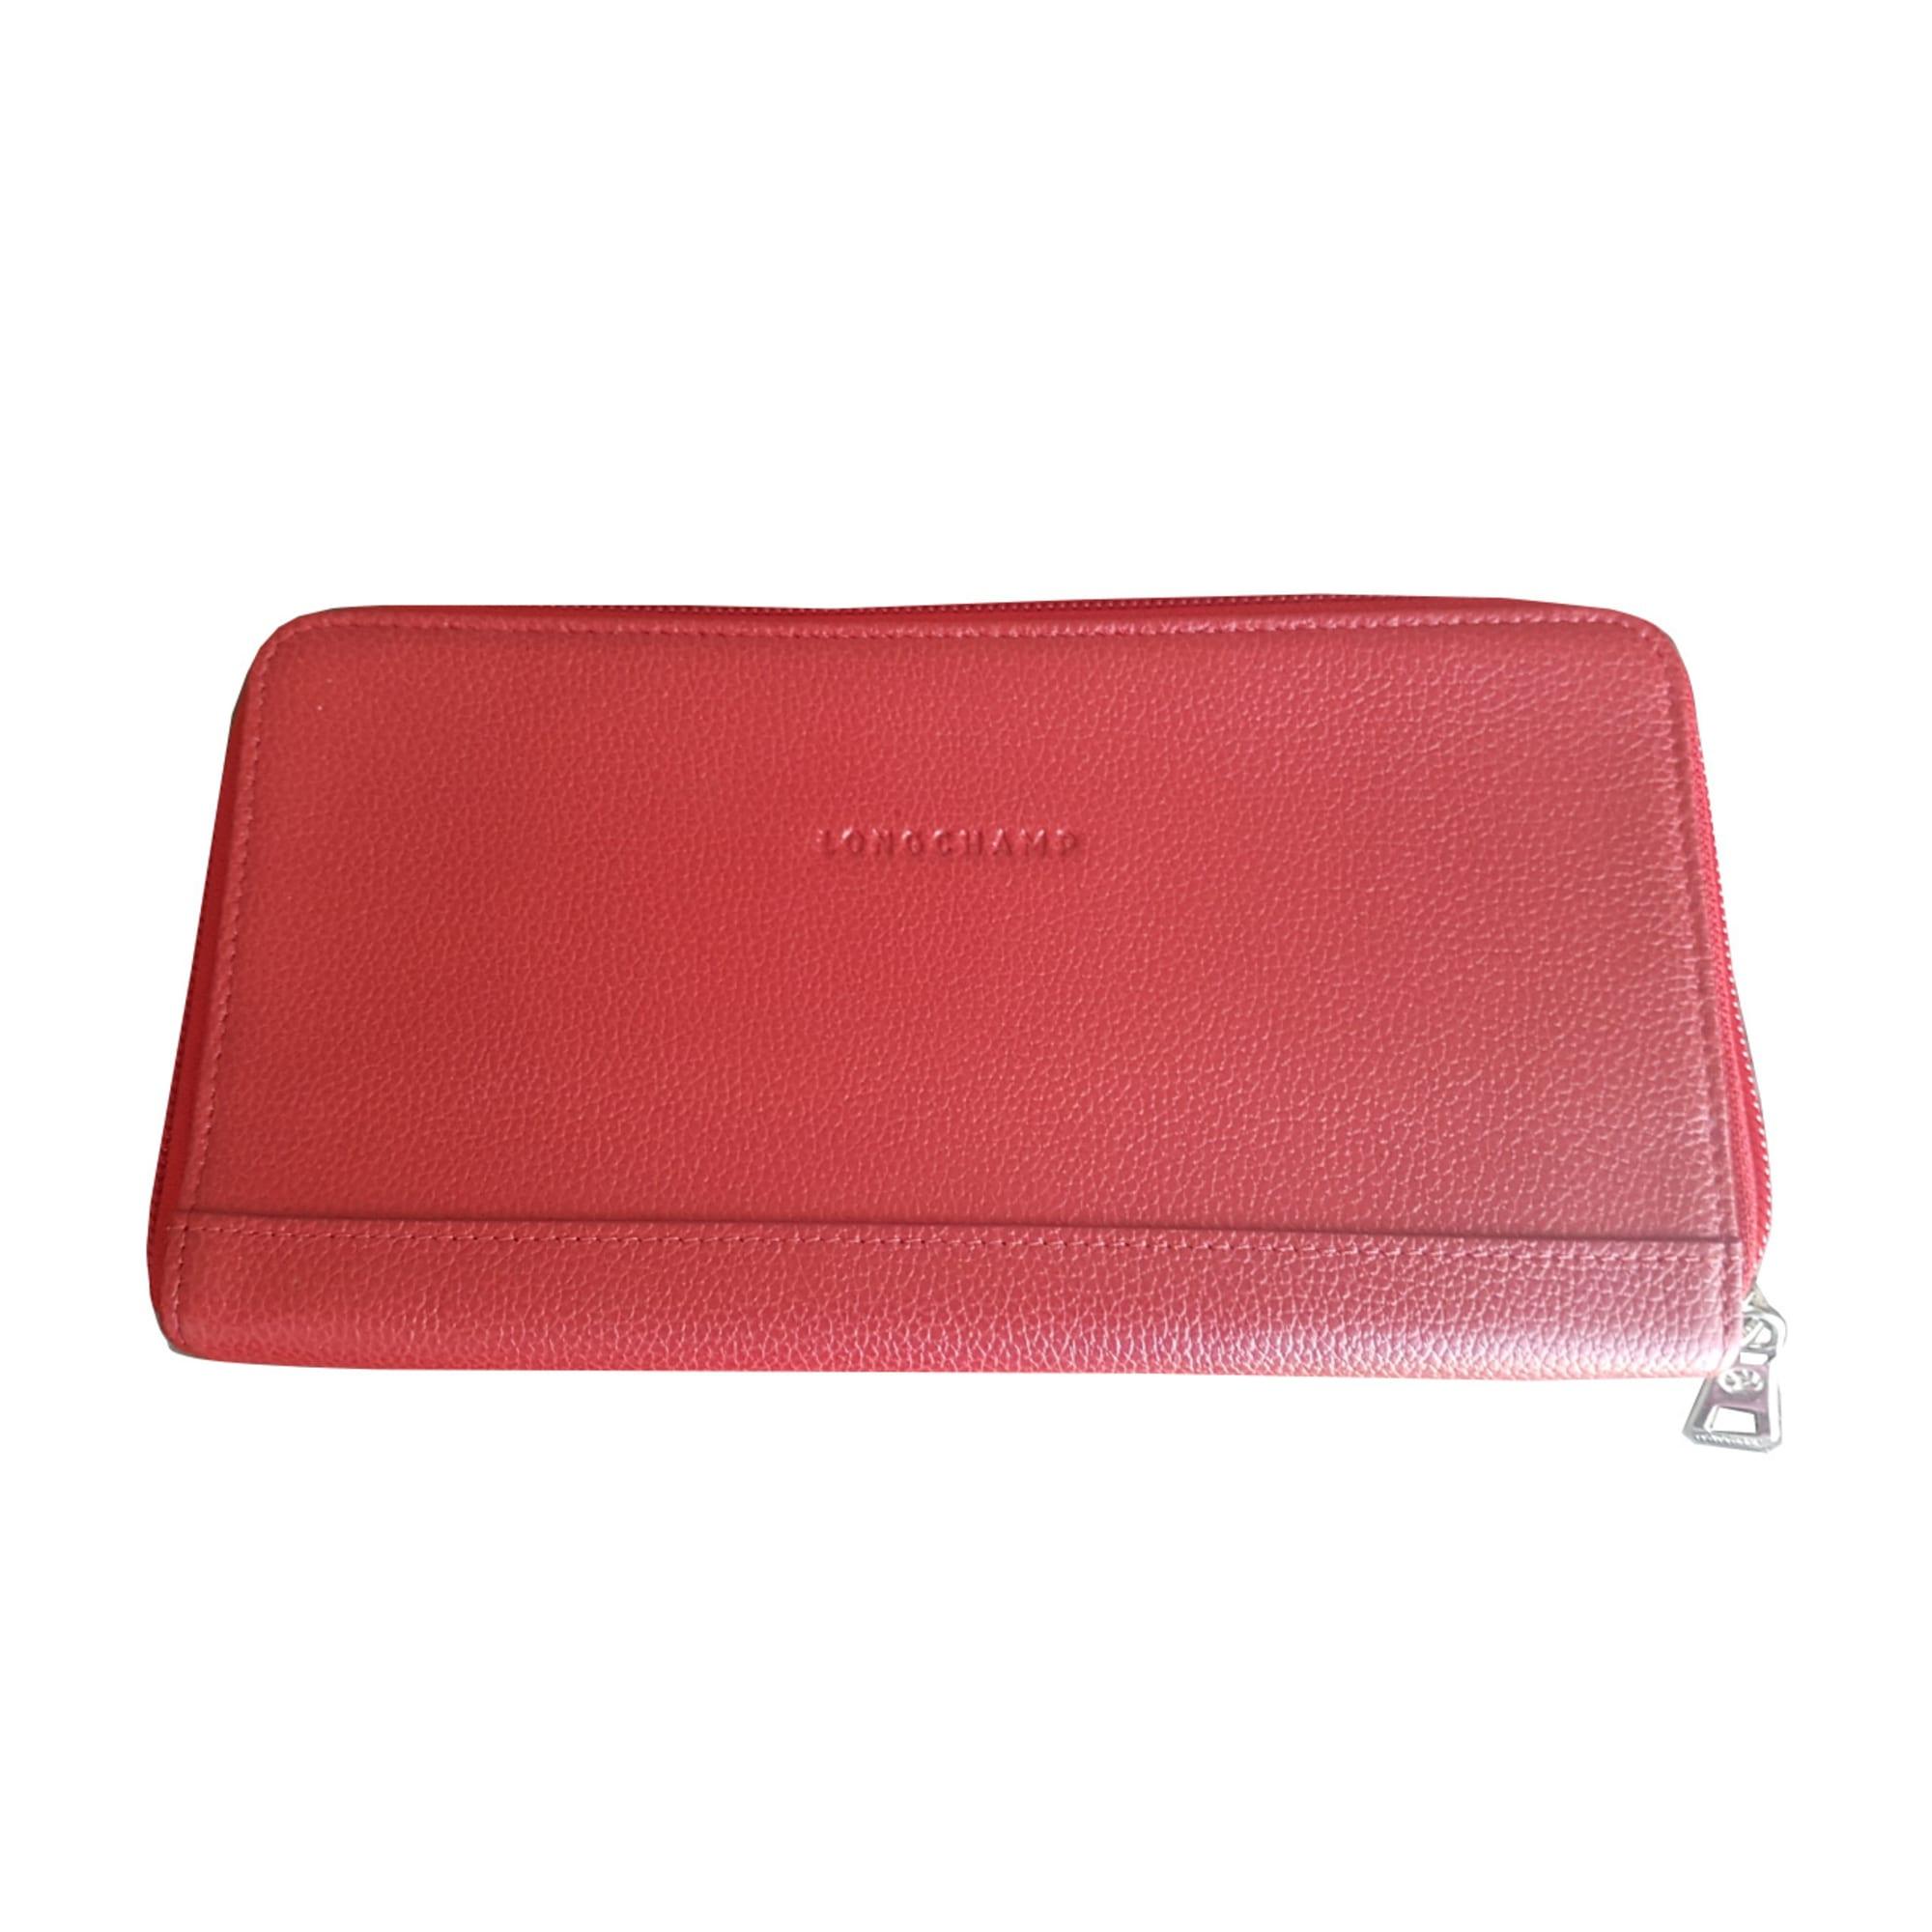 de57c0eb956e Portefeuille LONGCHAMP rouge vendu par Talou48548 - 7690802